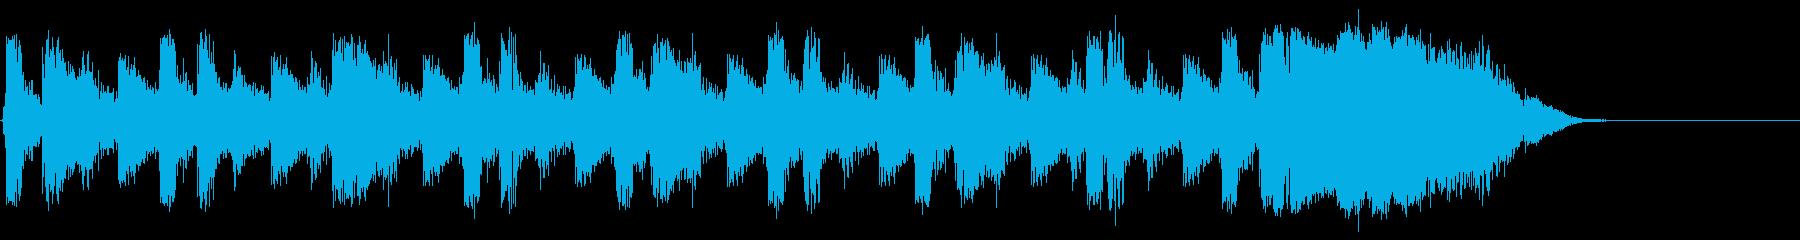 ビートトップの再生済みの波形